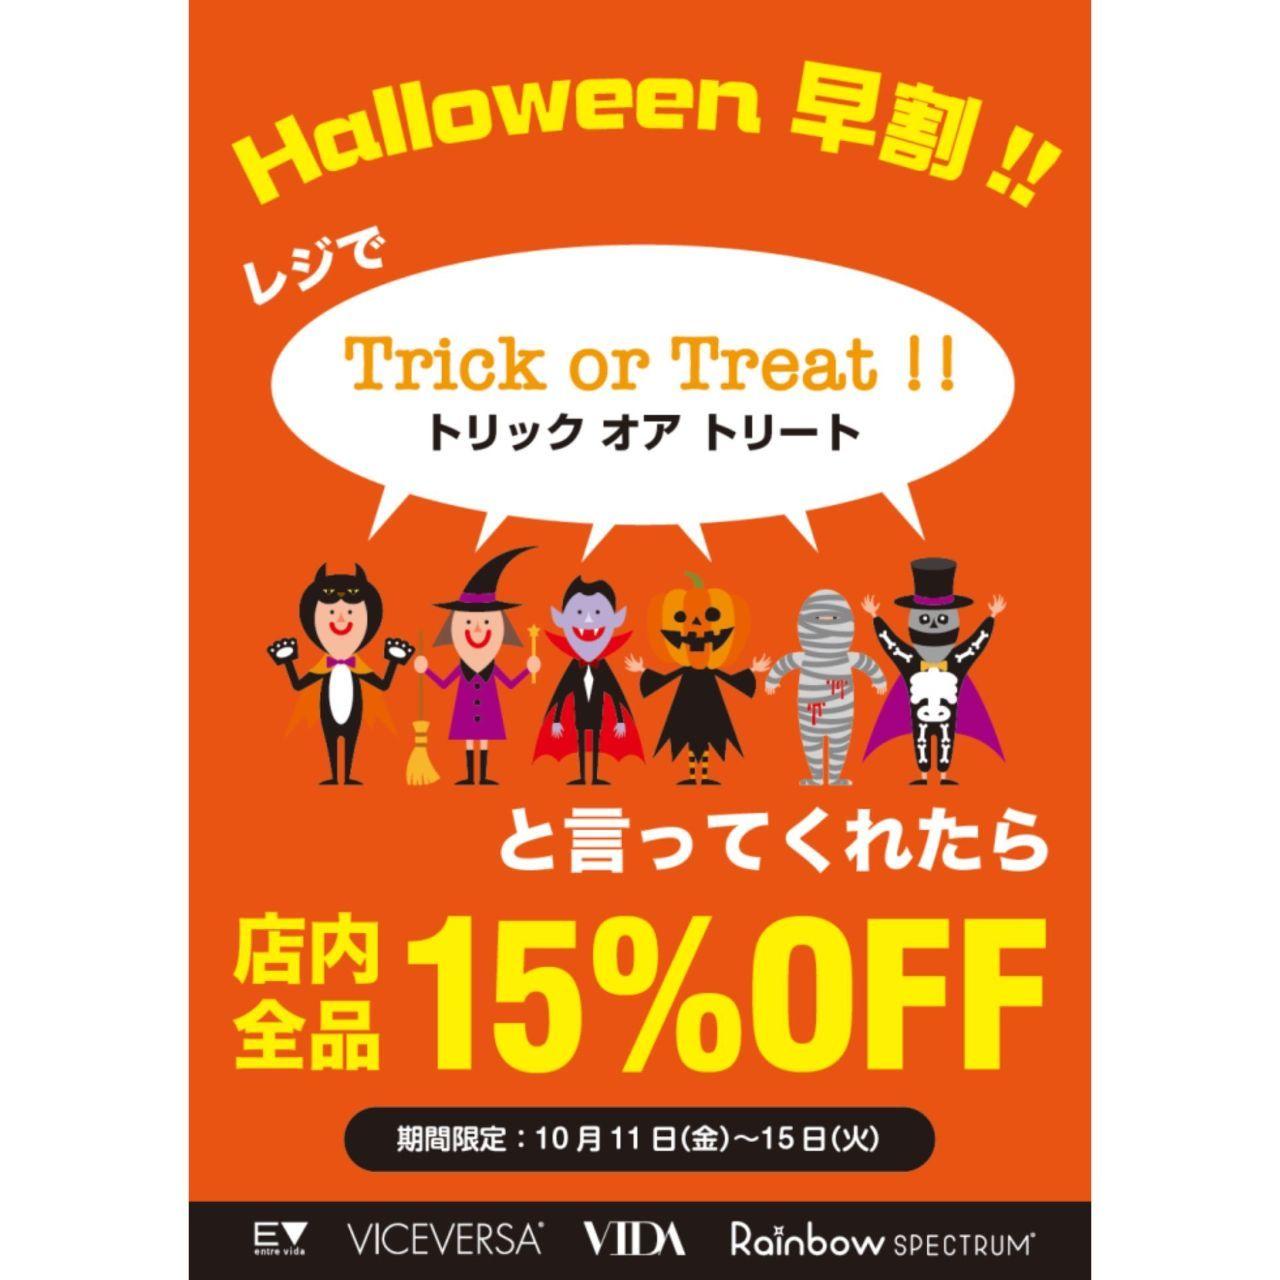 「【全品15%OFF】trick or treat ✞ ハロウィン先がけ企画!」の写真